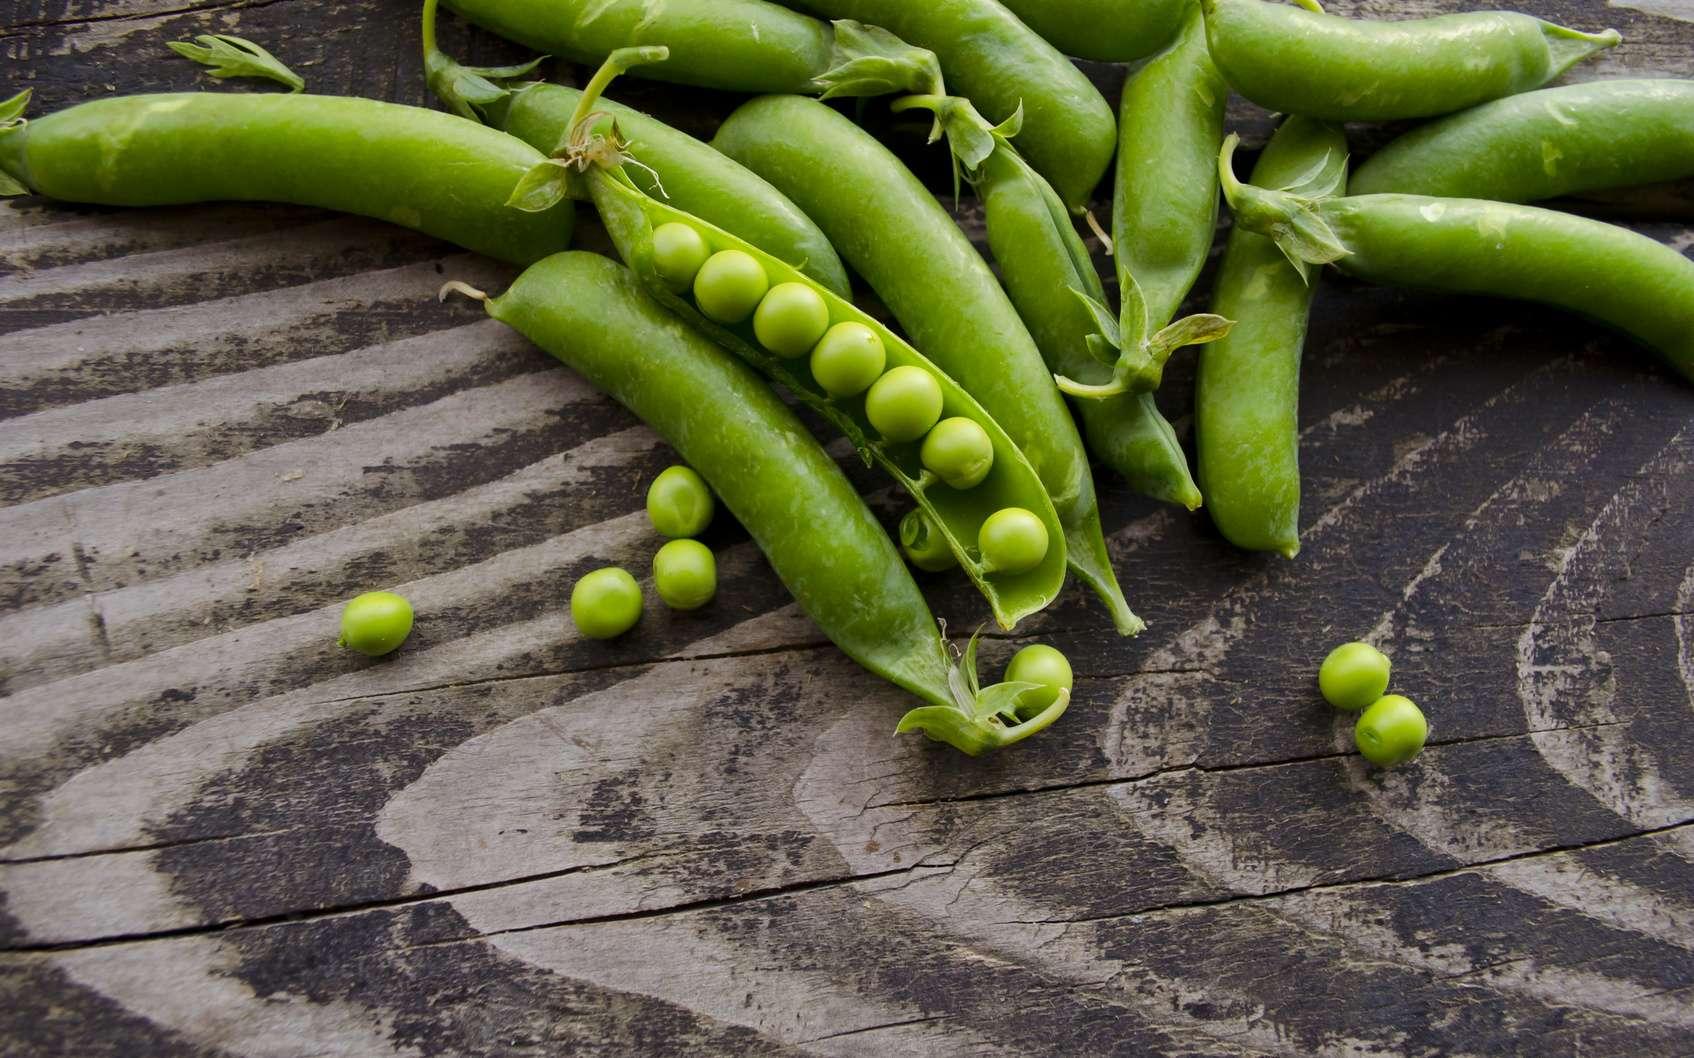 Les bons glucides se trouvent dans les légumes. © liyavihola, Fotolia